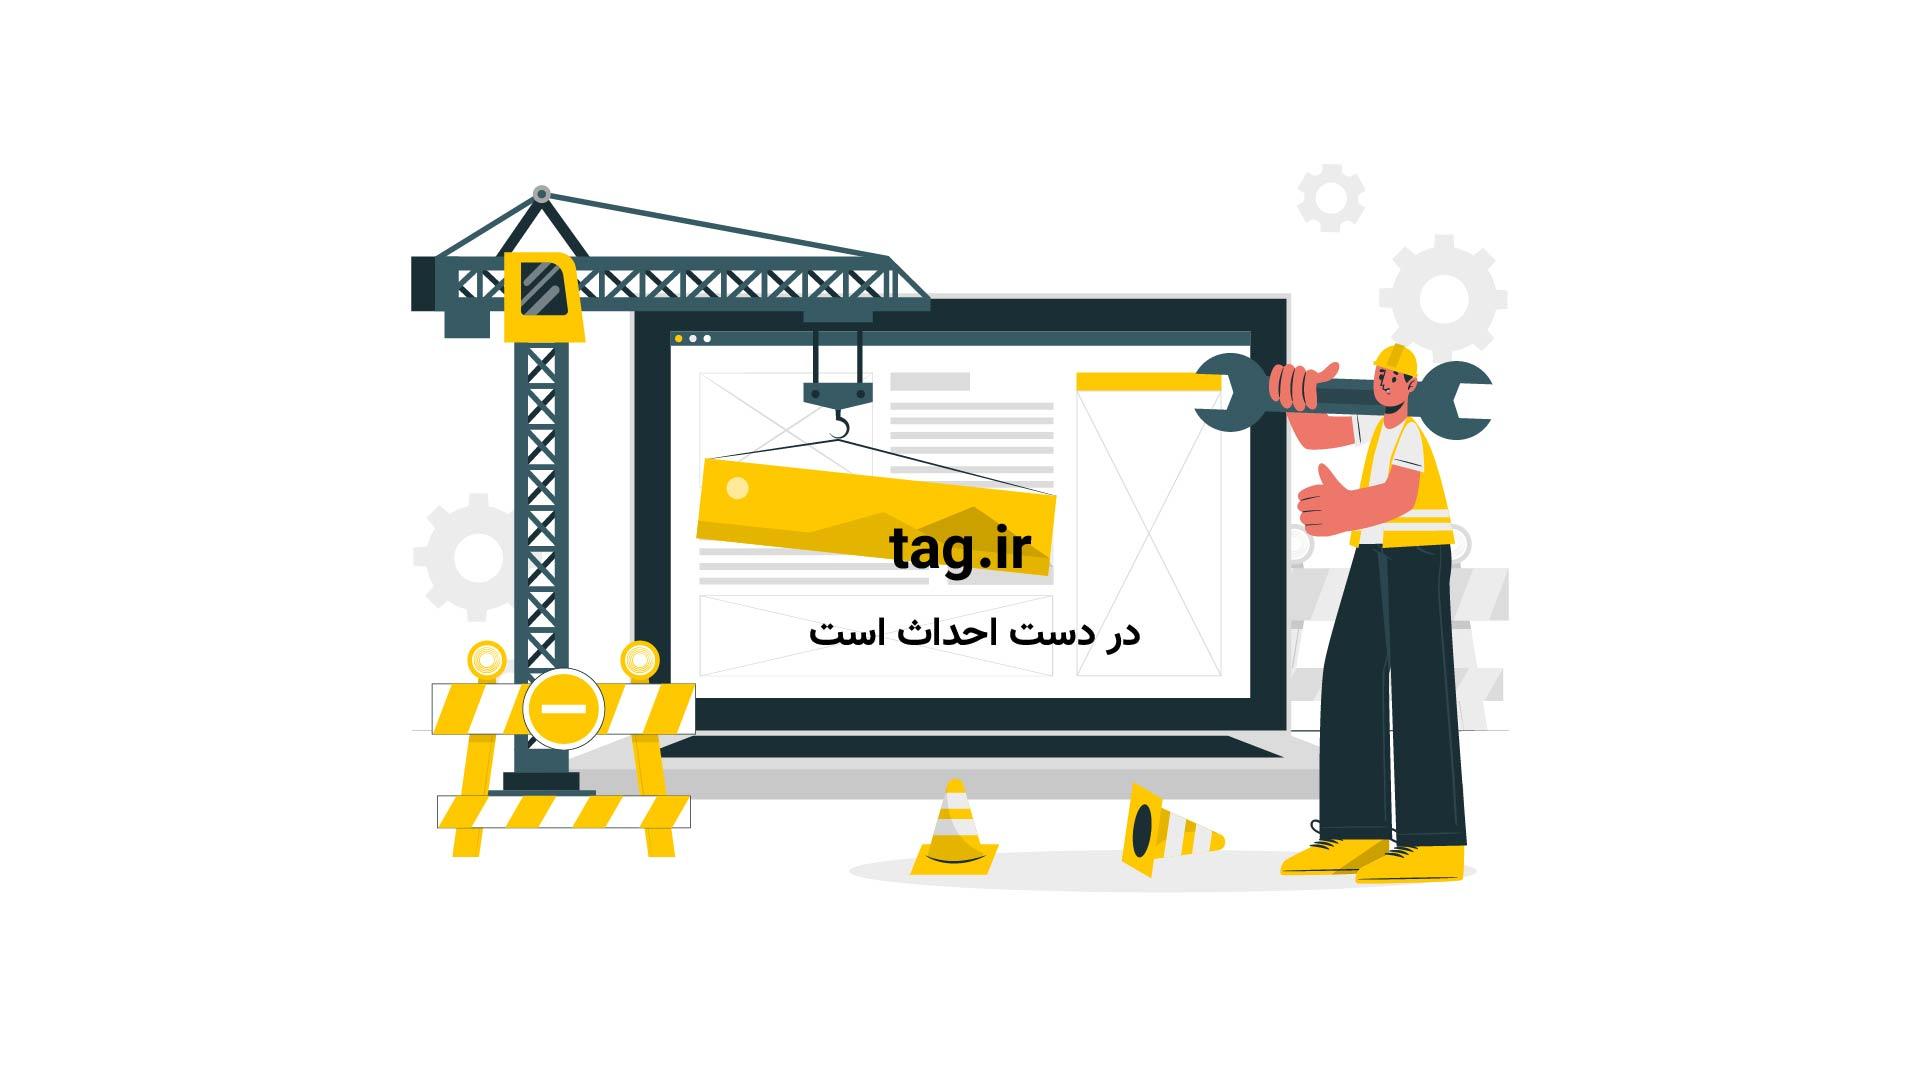 سانگو دله: در تایید سرمایه گذاری کلان در آفریقا   فیلم